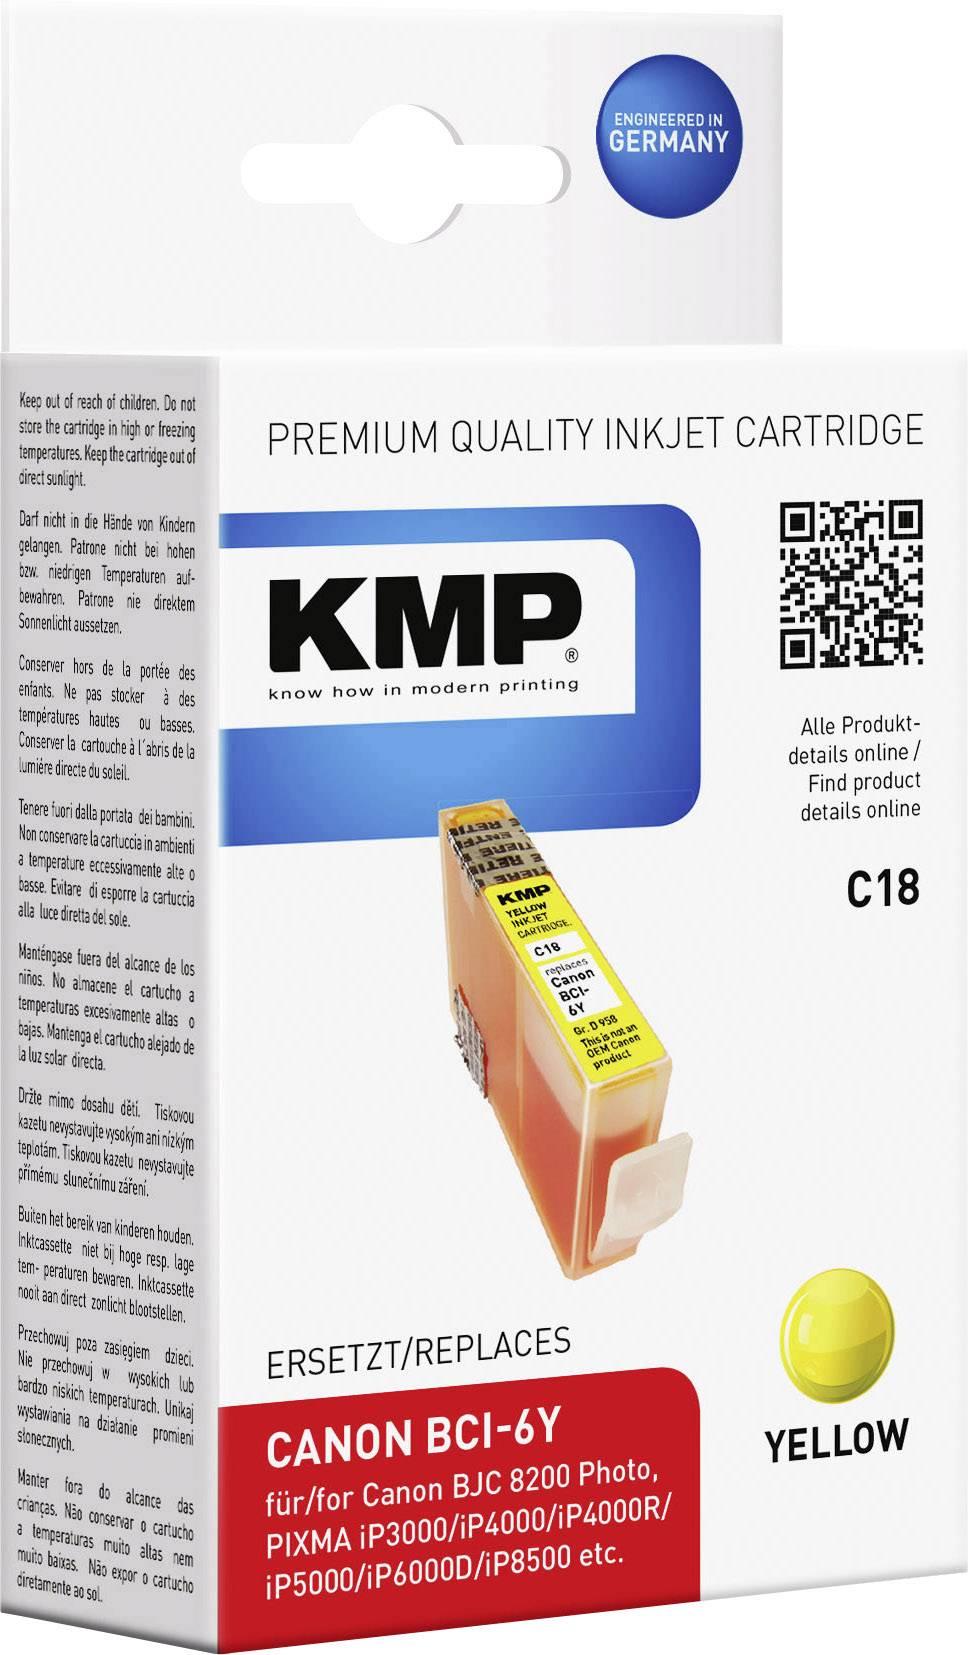 Kompatibilná náplň do tlačiarne KMP C18 0958,0009, žltá